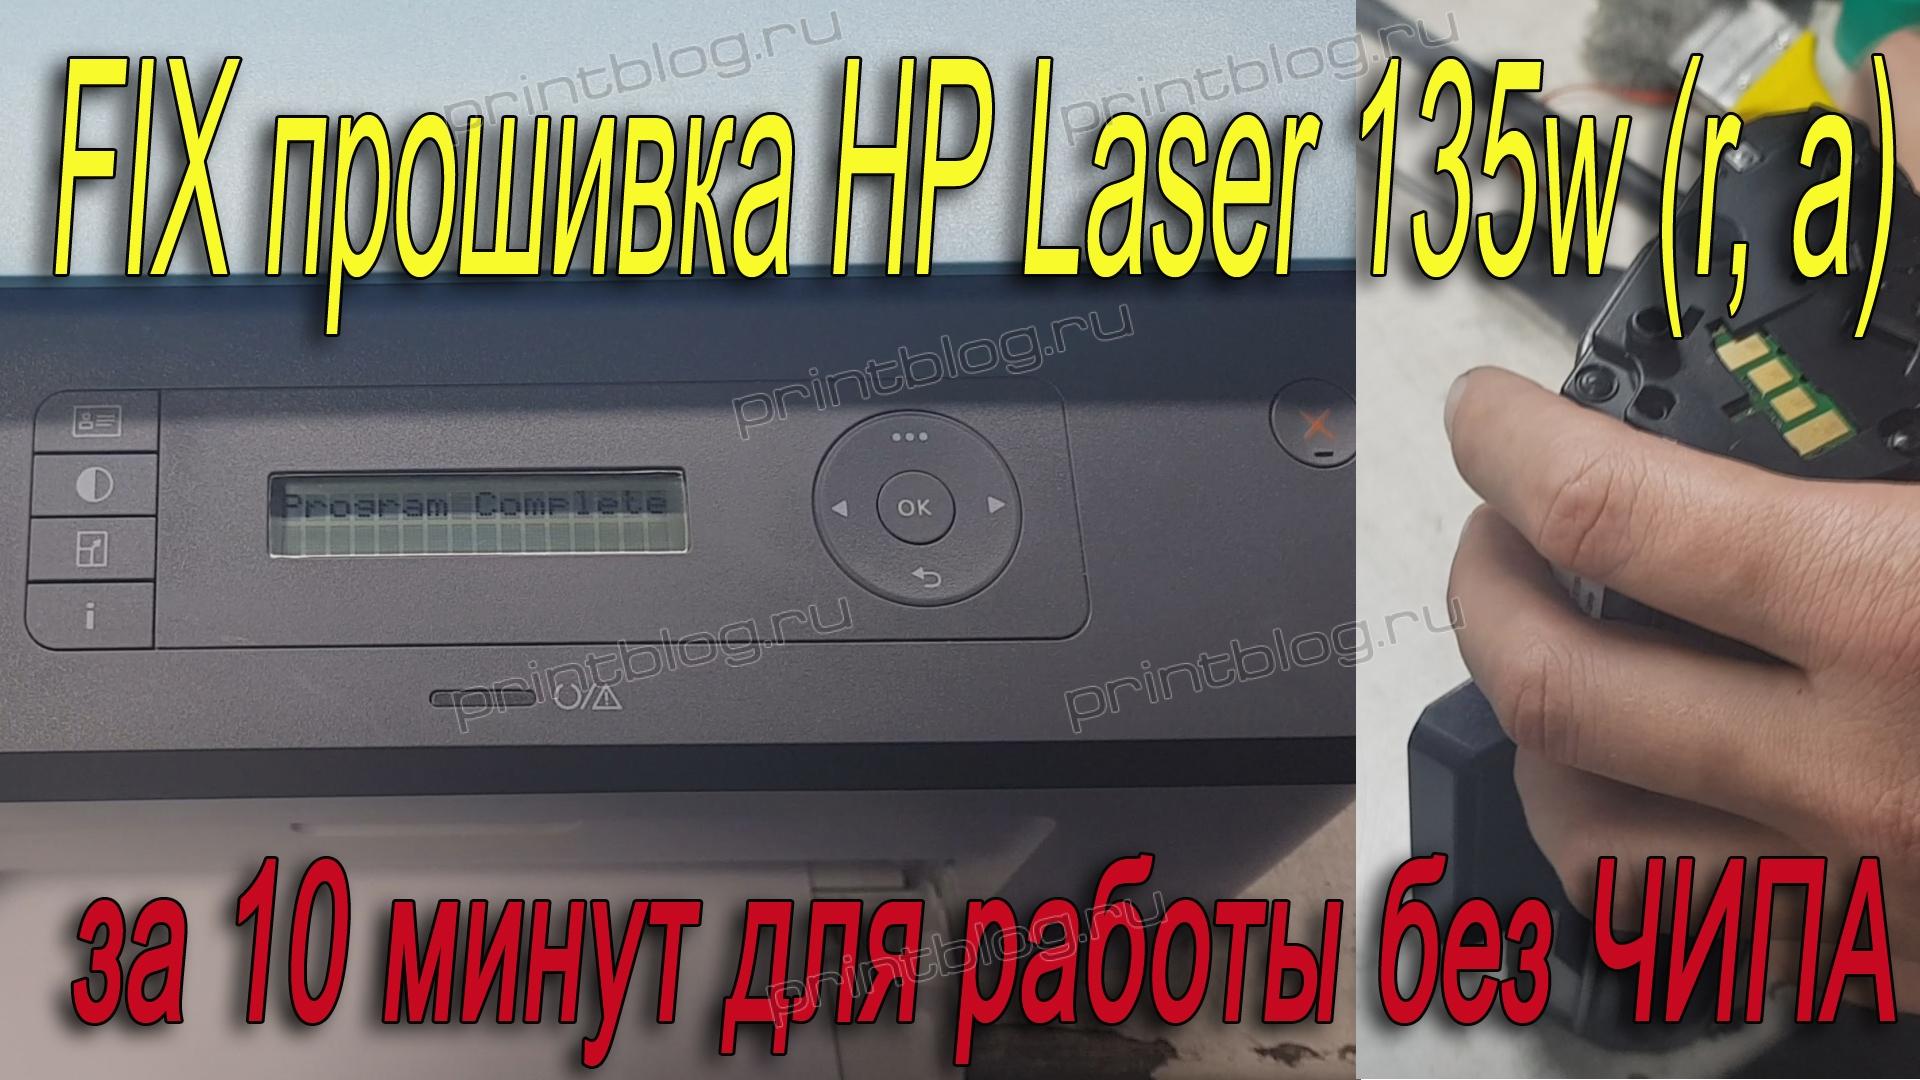 Прошивка МФУ HP Laser 135a, 135r, 135w. Зачем Как